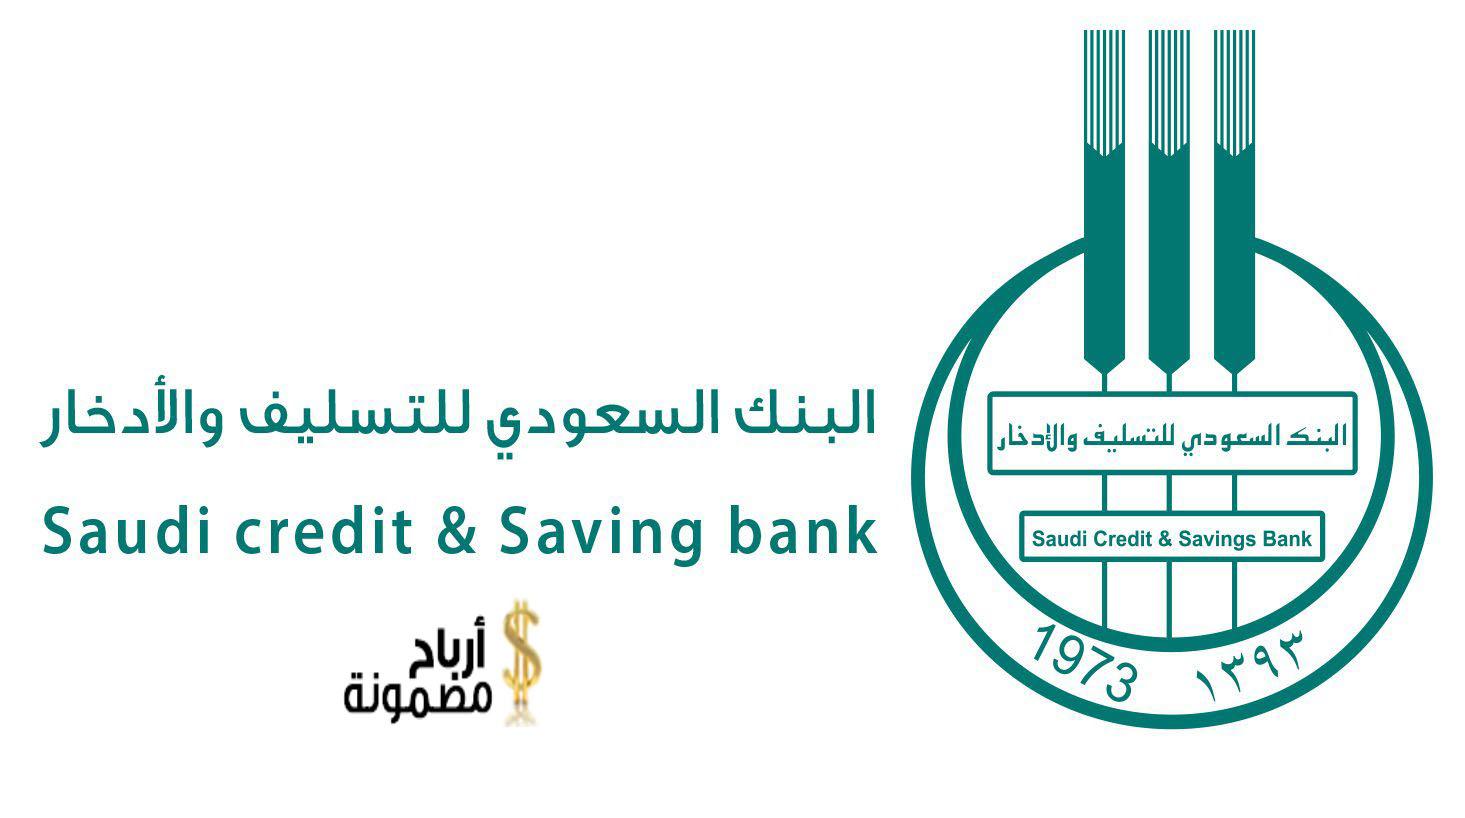 Photo of قرض بنك التسليف للمشاريع وتوفير 5 مسارات مميزة